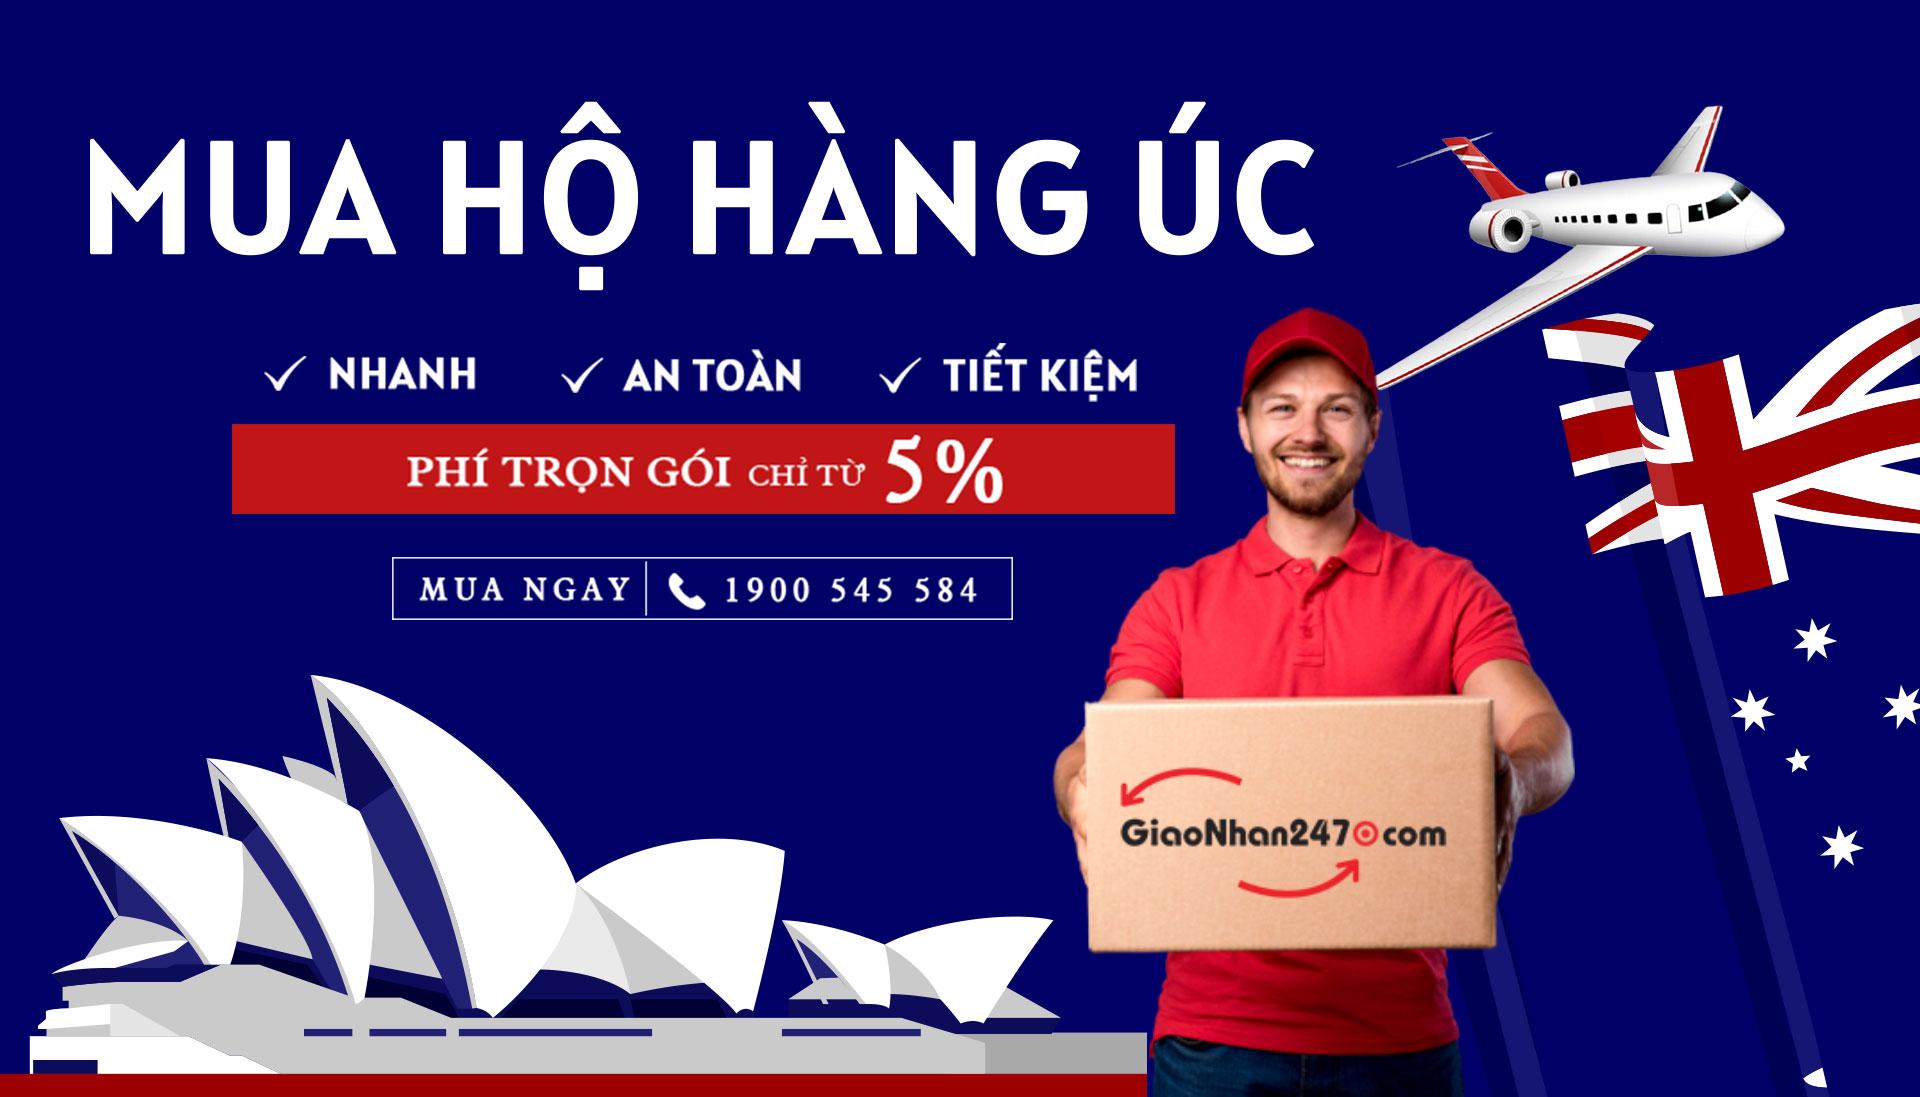 mua-ho-hang-uc-ship-ve-vietnam-mobile